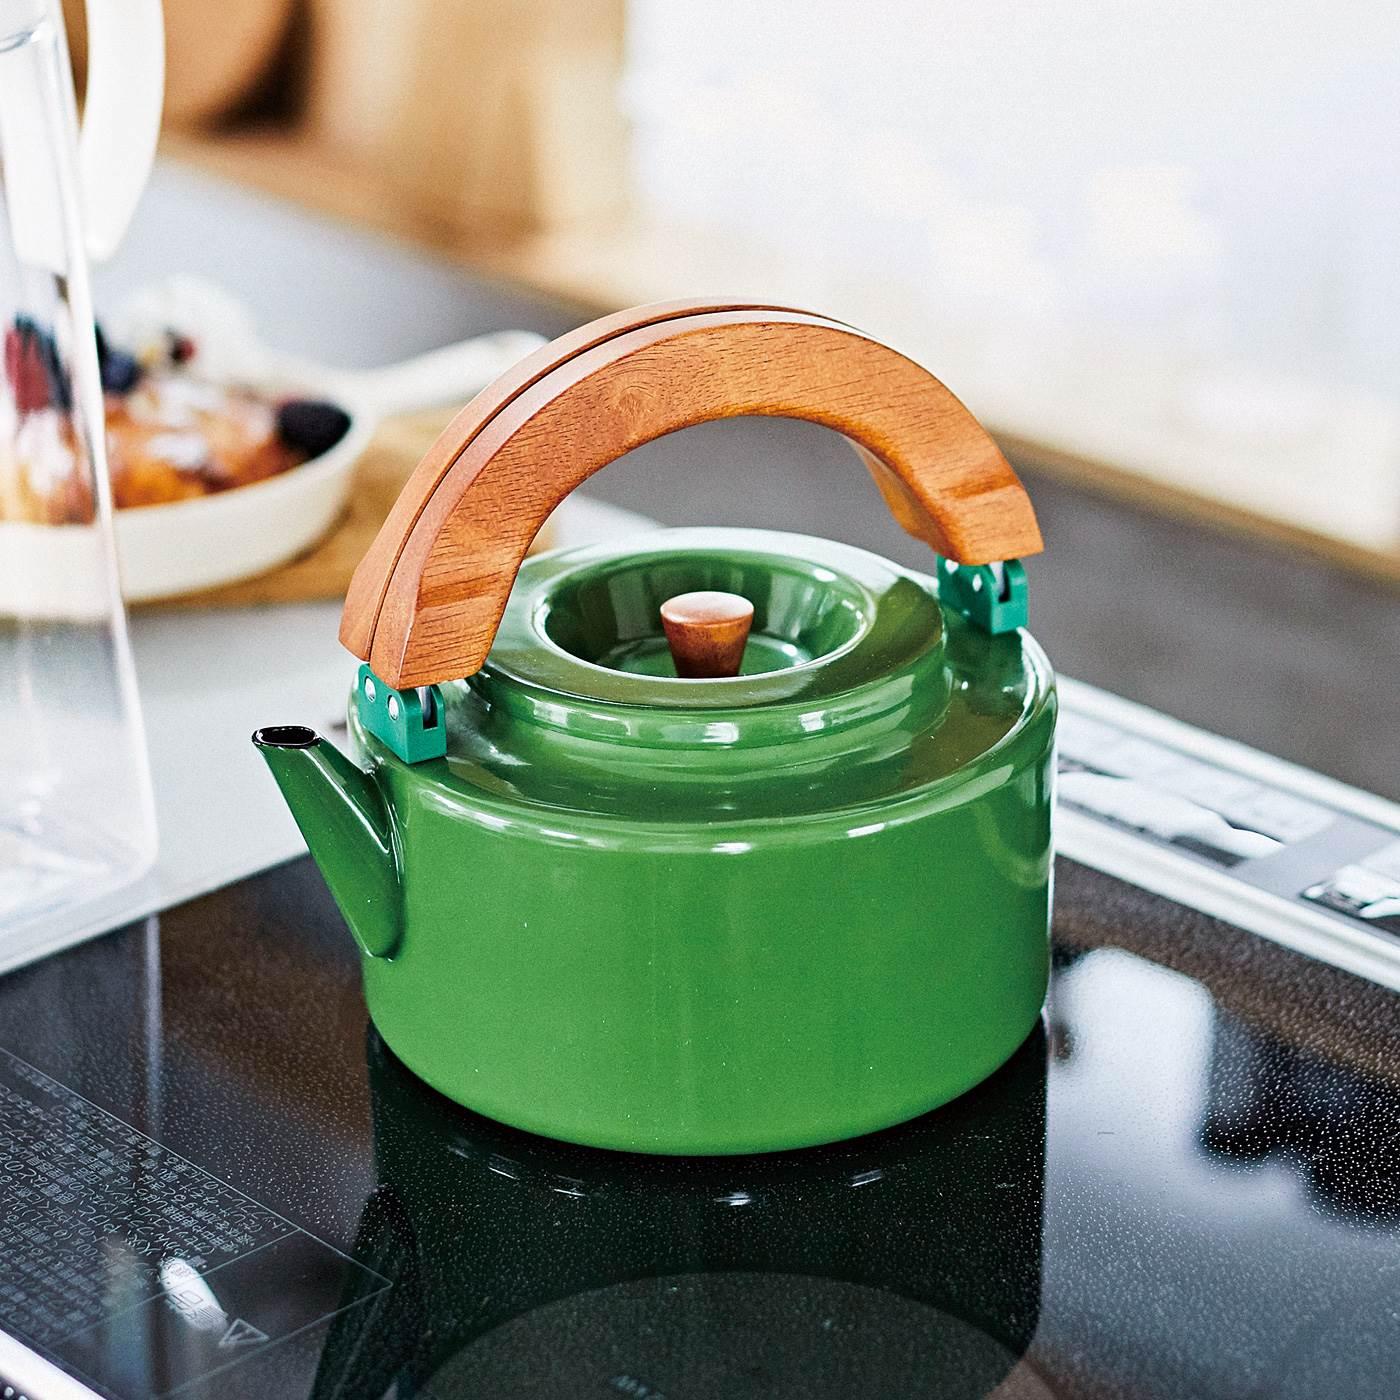 フェリシモ 冷蔵庫にそのまま入る 彩り華やか北欧風フラットケトル〈グリーン〉